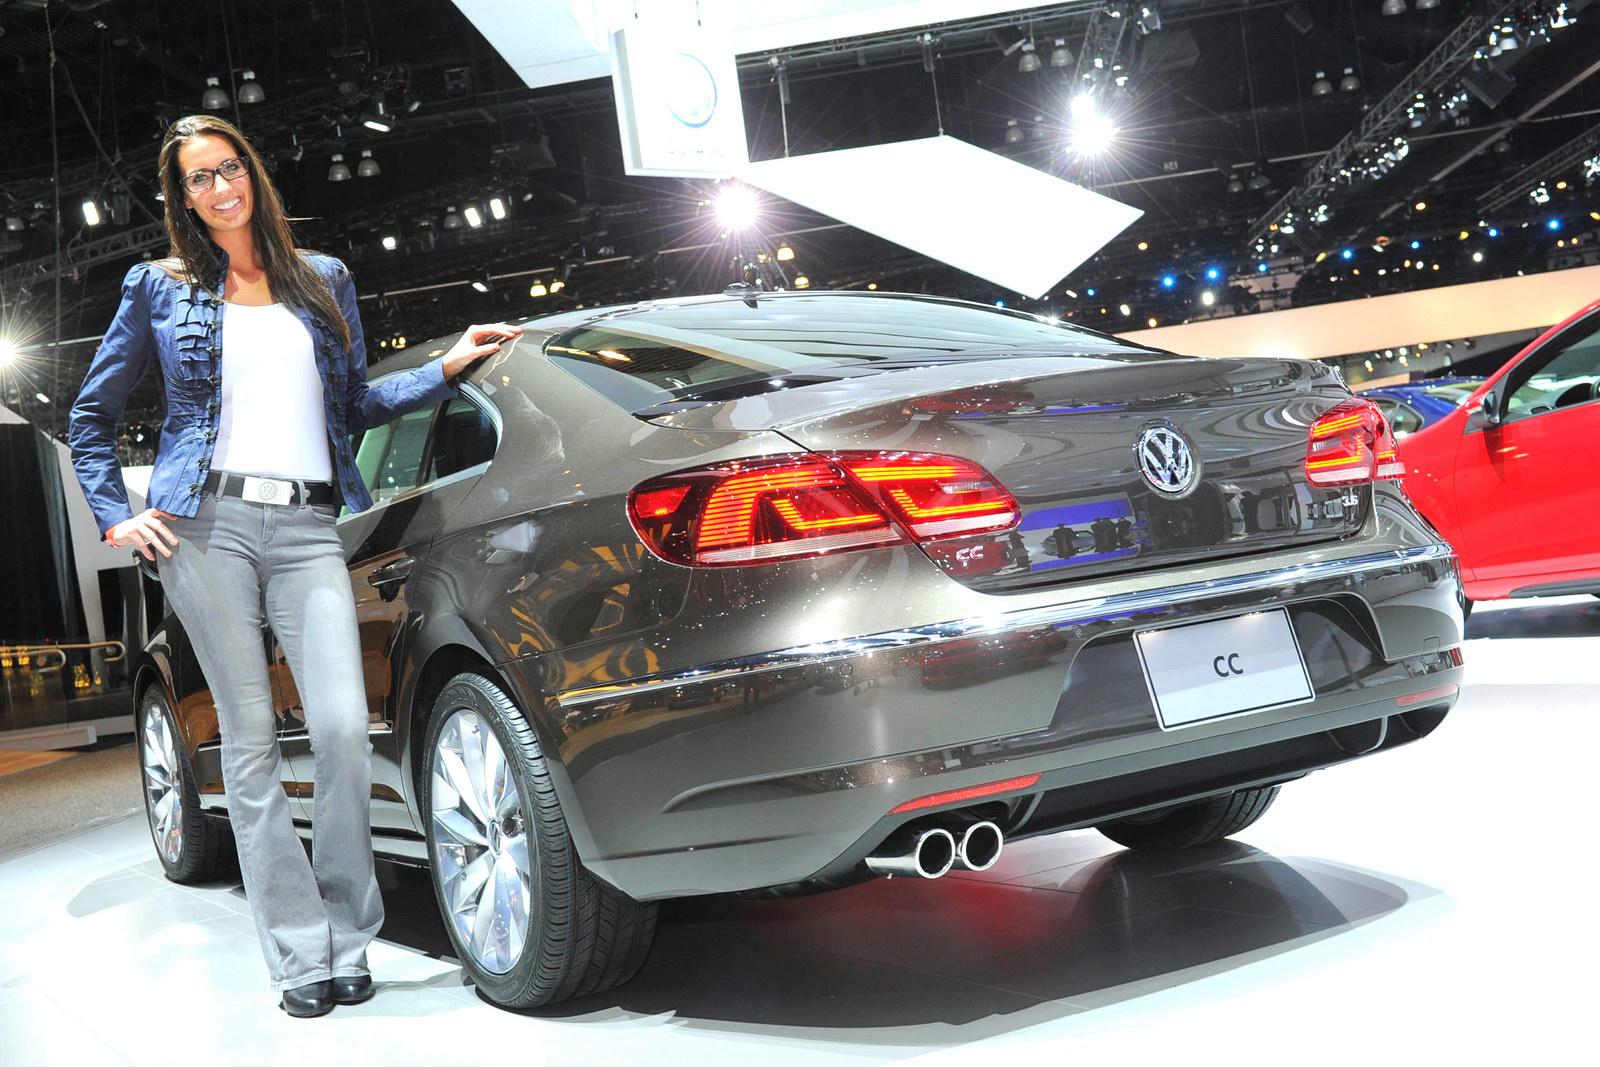 Otomobil Haberleri Fiyatlar Ve Model Bilgileri Otomobil   Review